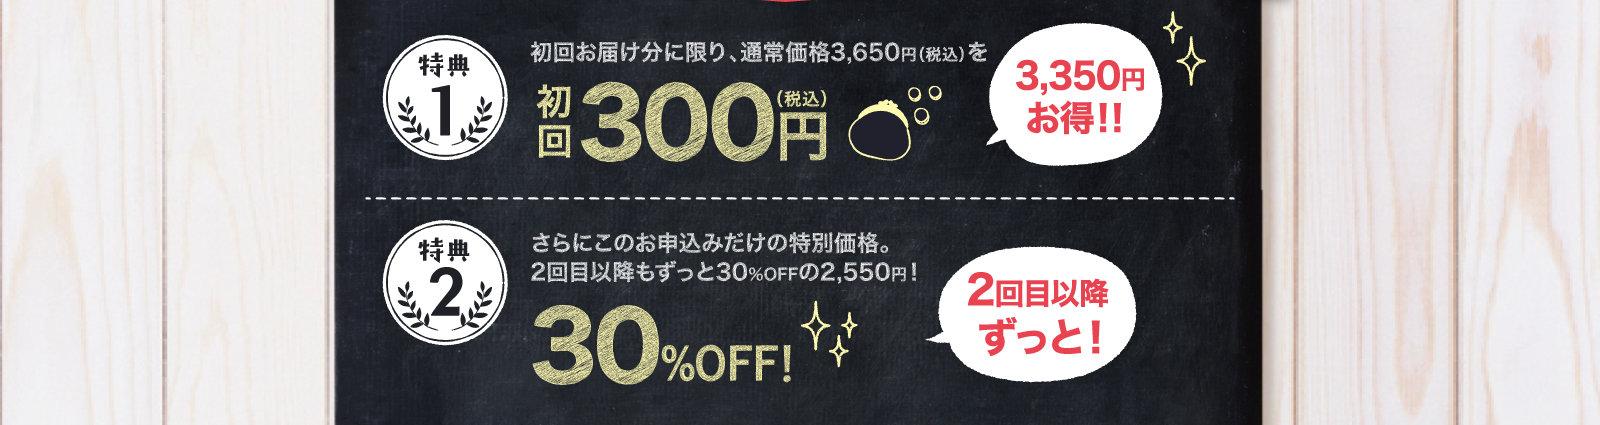 1.初回お届け分に限り、通常価格3,650円(税込)を初回300円 2.さらにこのお申込みだけの特別価格。2回目以降もずっと30%OFFの2,550円!30%OFF!